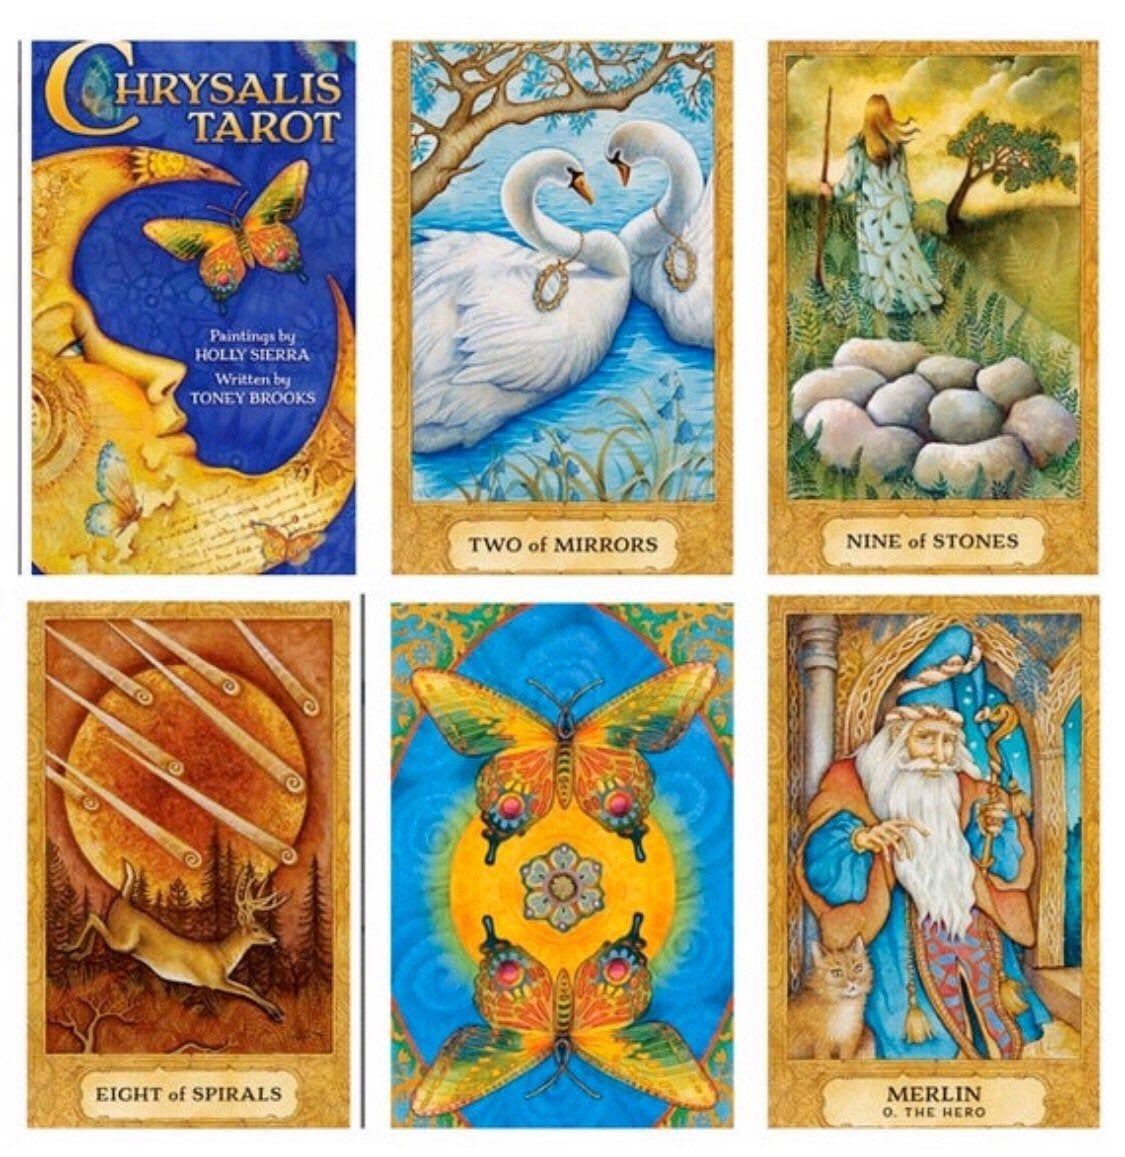 Tarot Deck Chrysalis, Tarot Cards, Tarot Card Deck, 78 Cards, Tarot Card Box by TheSolitaryCircle on Etsy | Tarot card decks, Tarot decks, Tarot